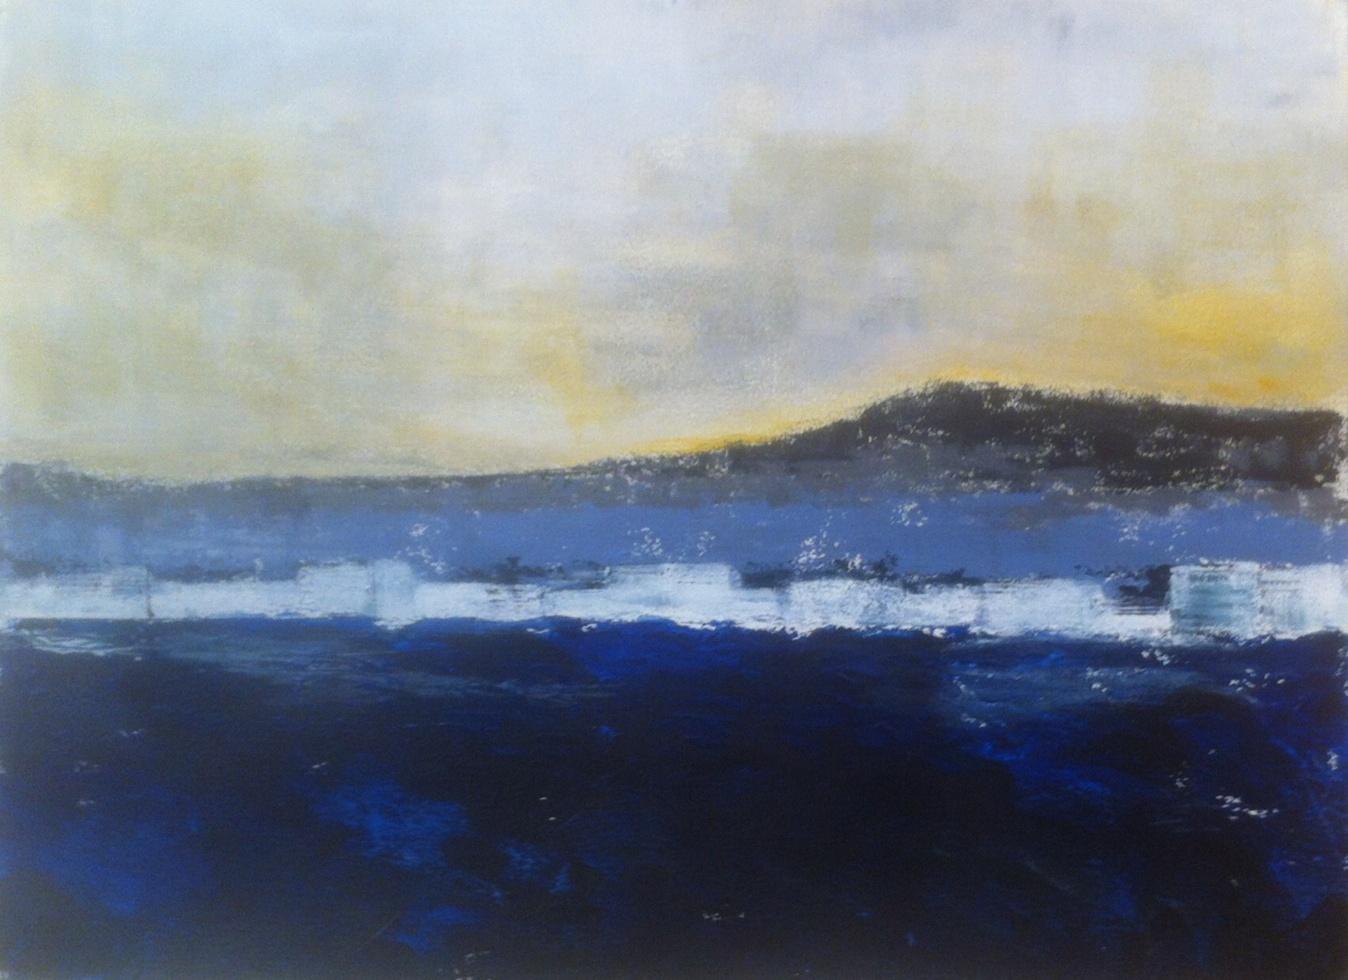 N°1861 - Mont Saint-Clair - Acrylique sur papier - 56 x 76 cm - 1er mai 2015